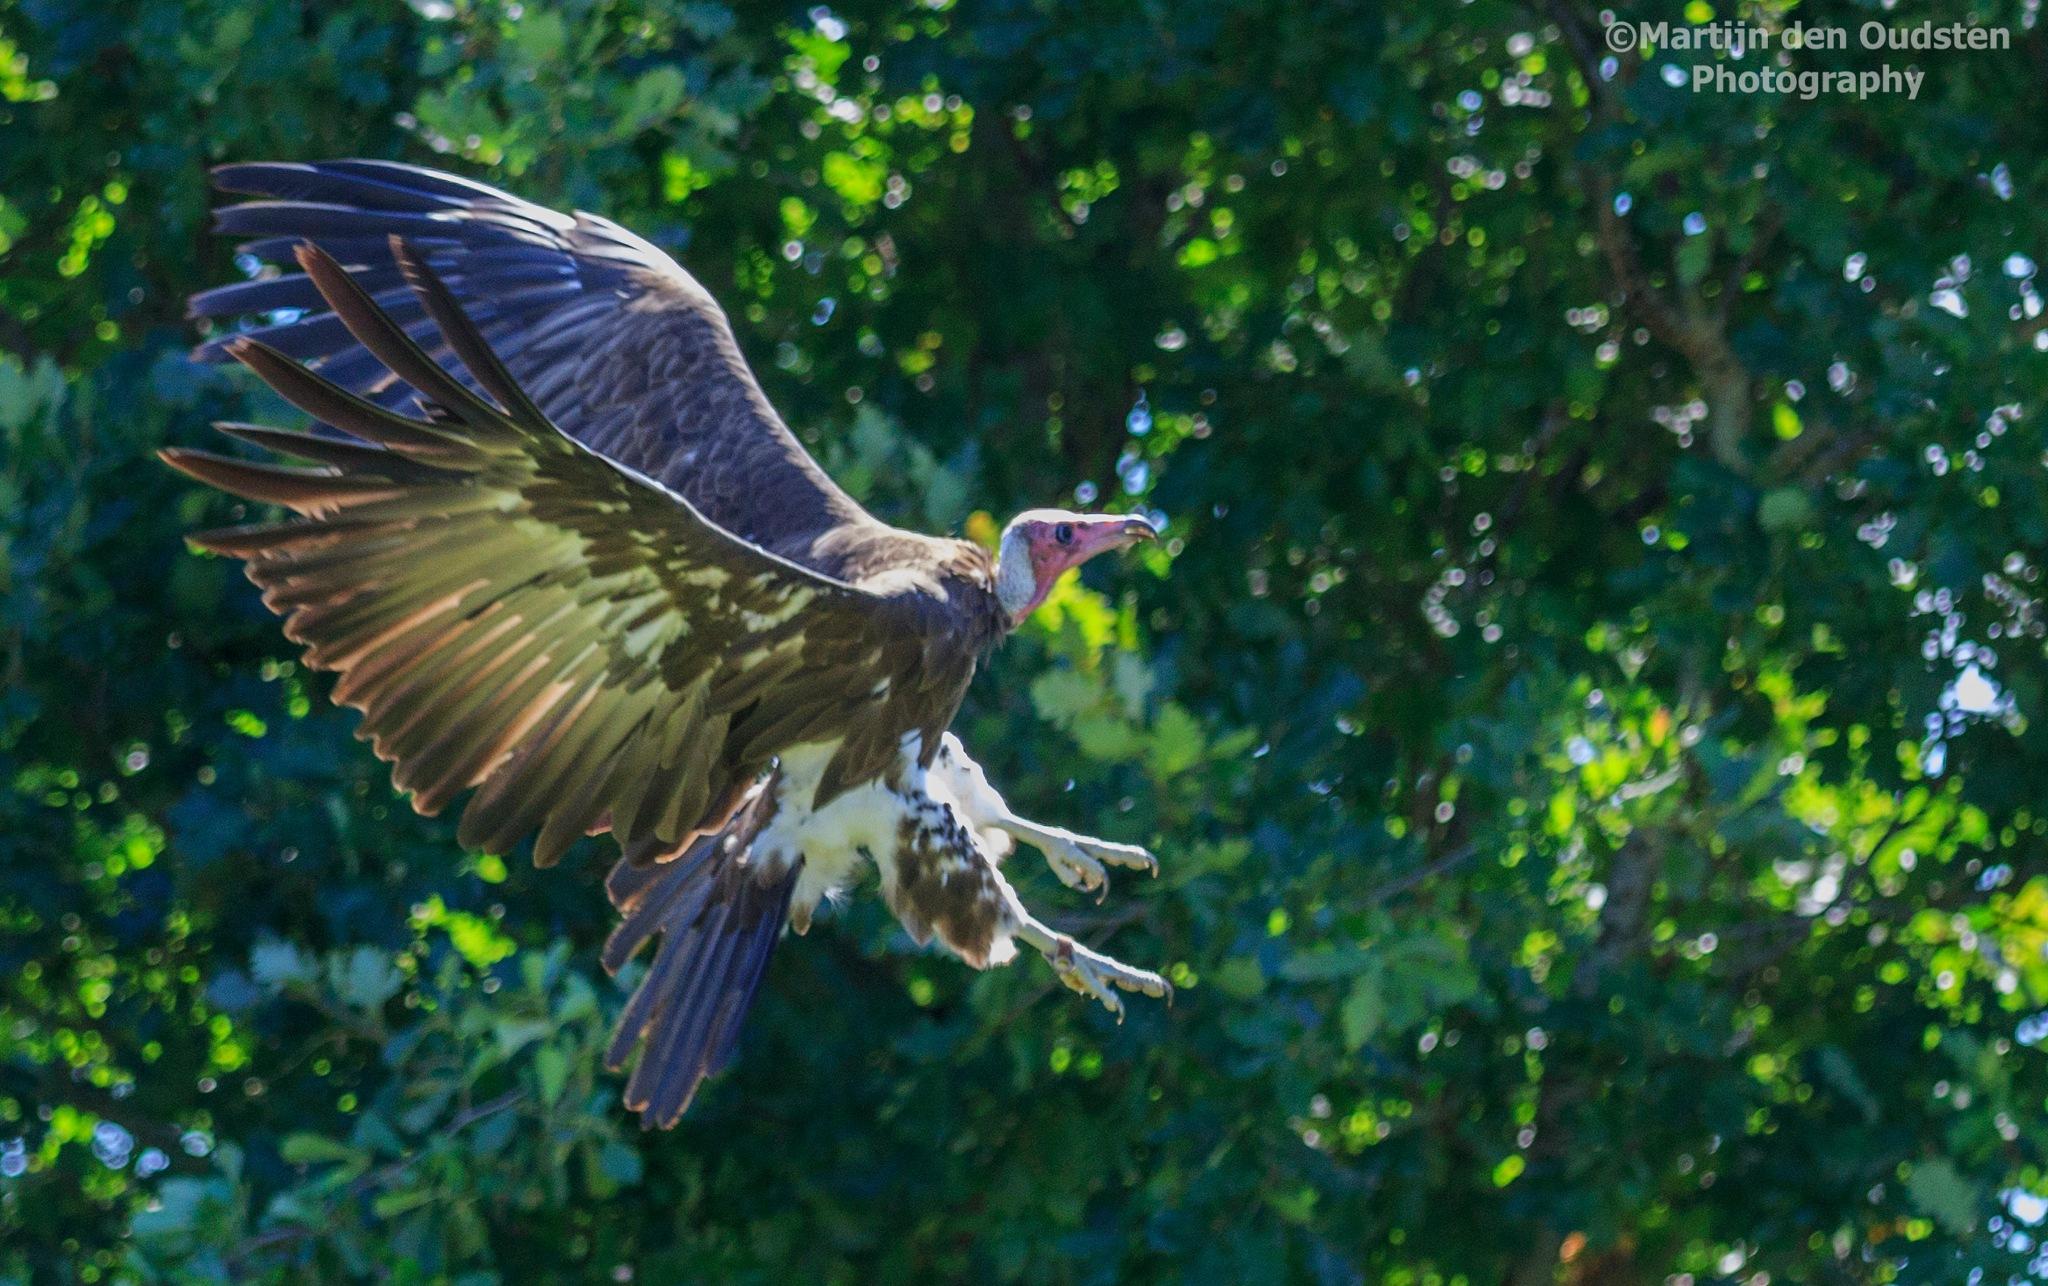 Vulture by Martijn Den Oudsten